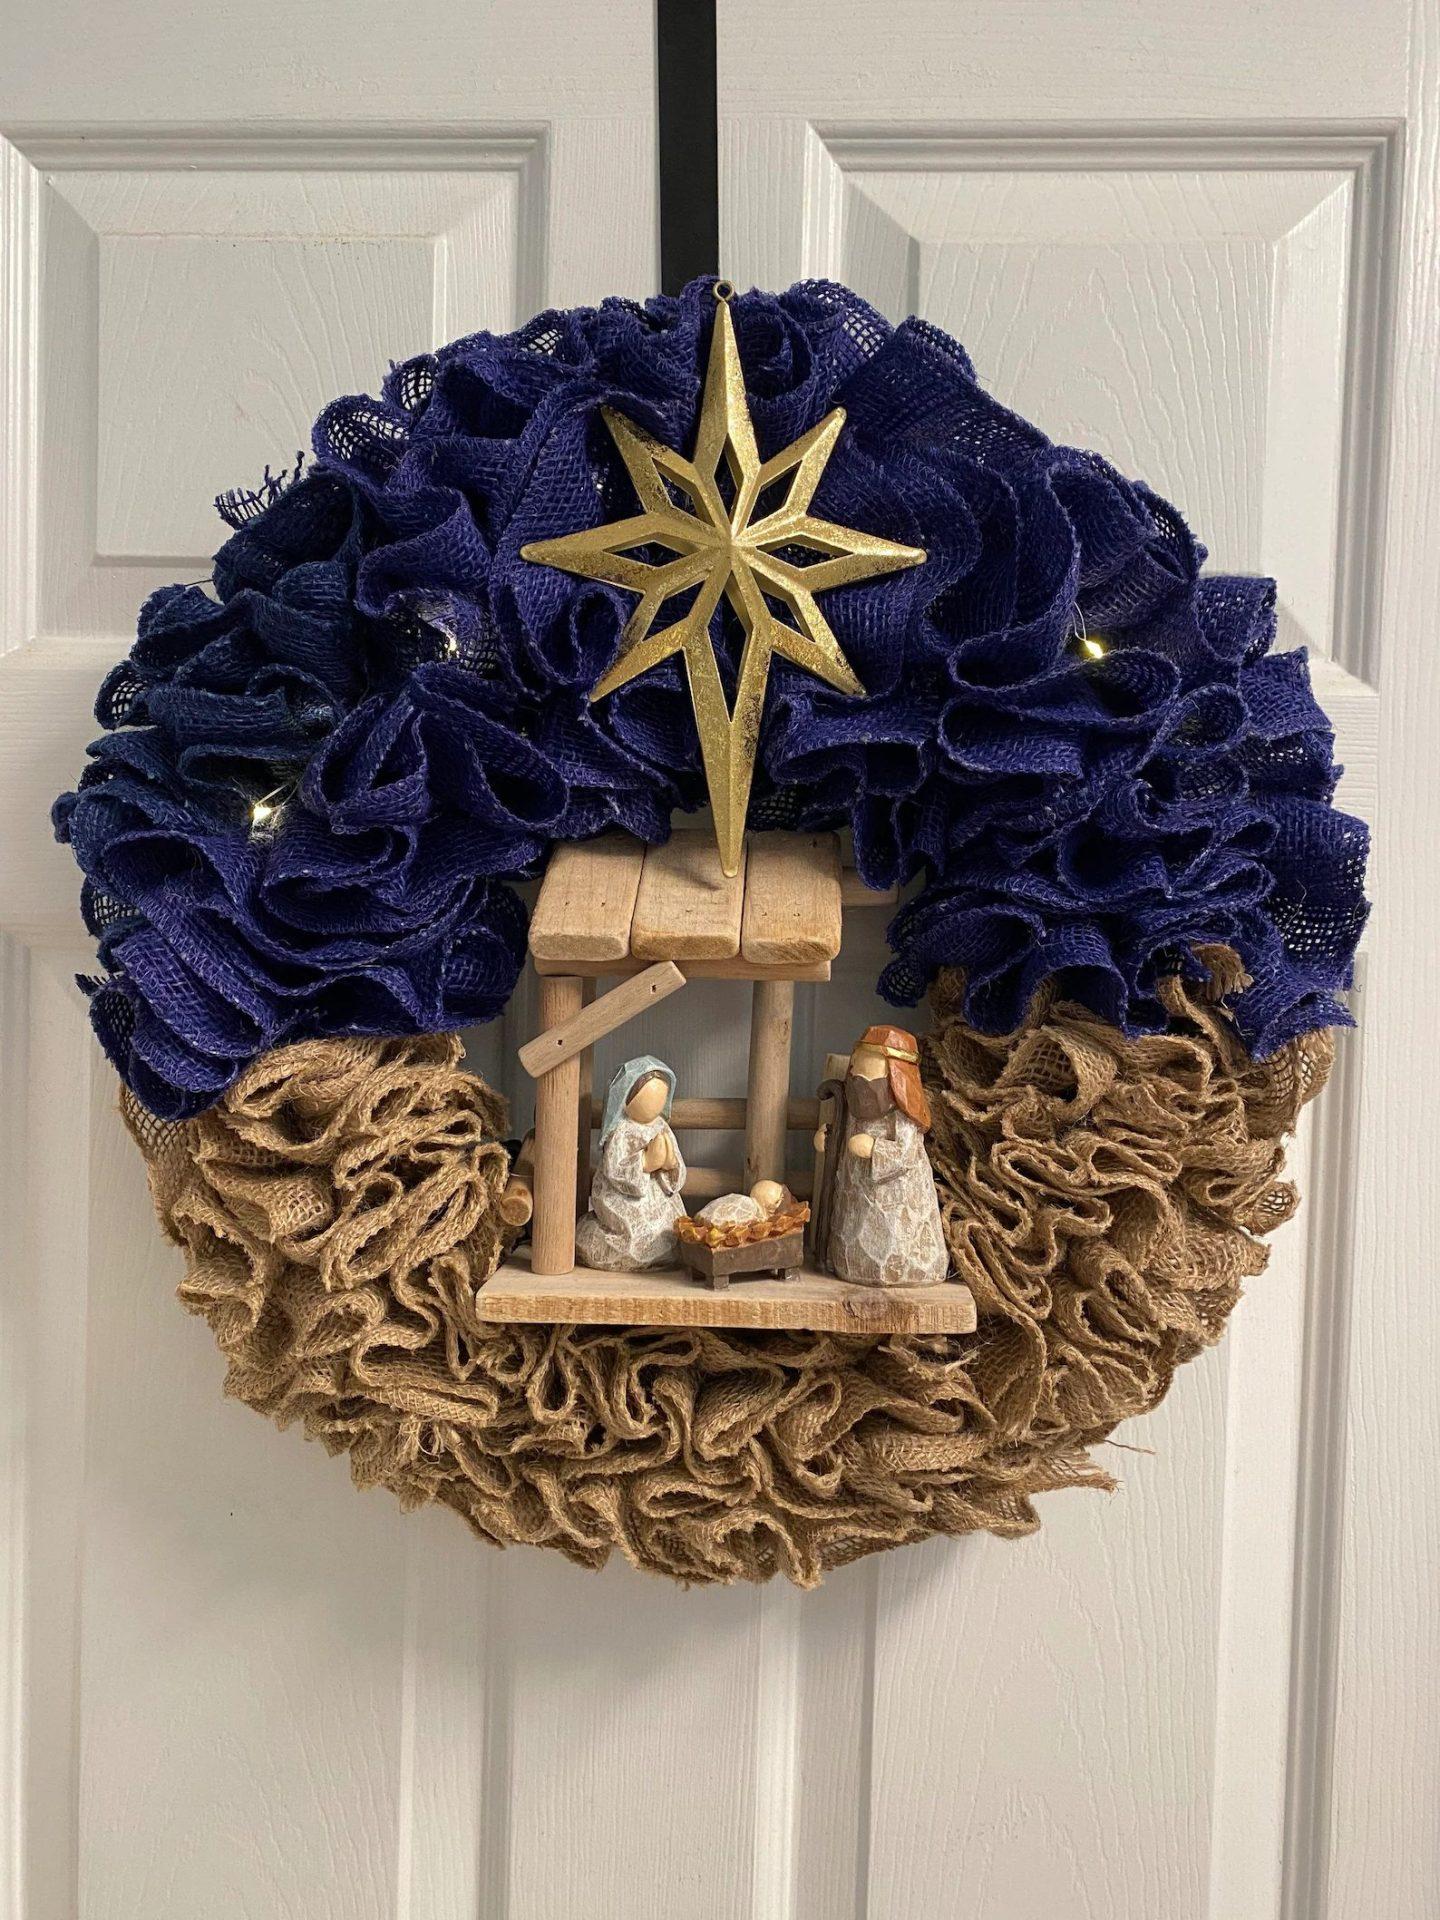 Burlap nativity wreath for Christmas